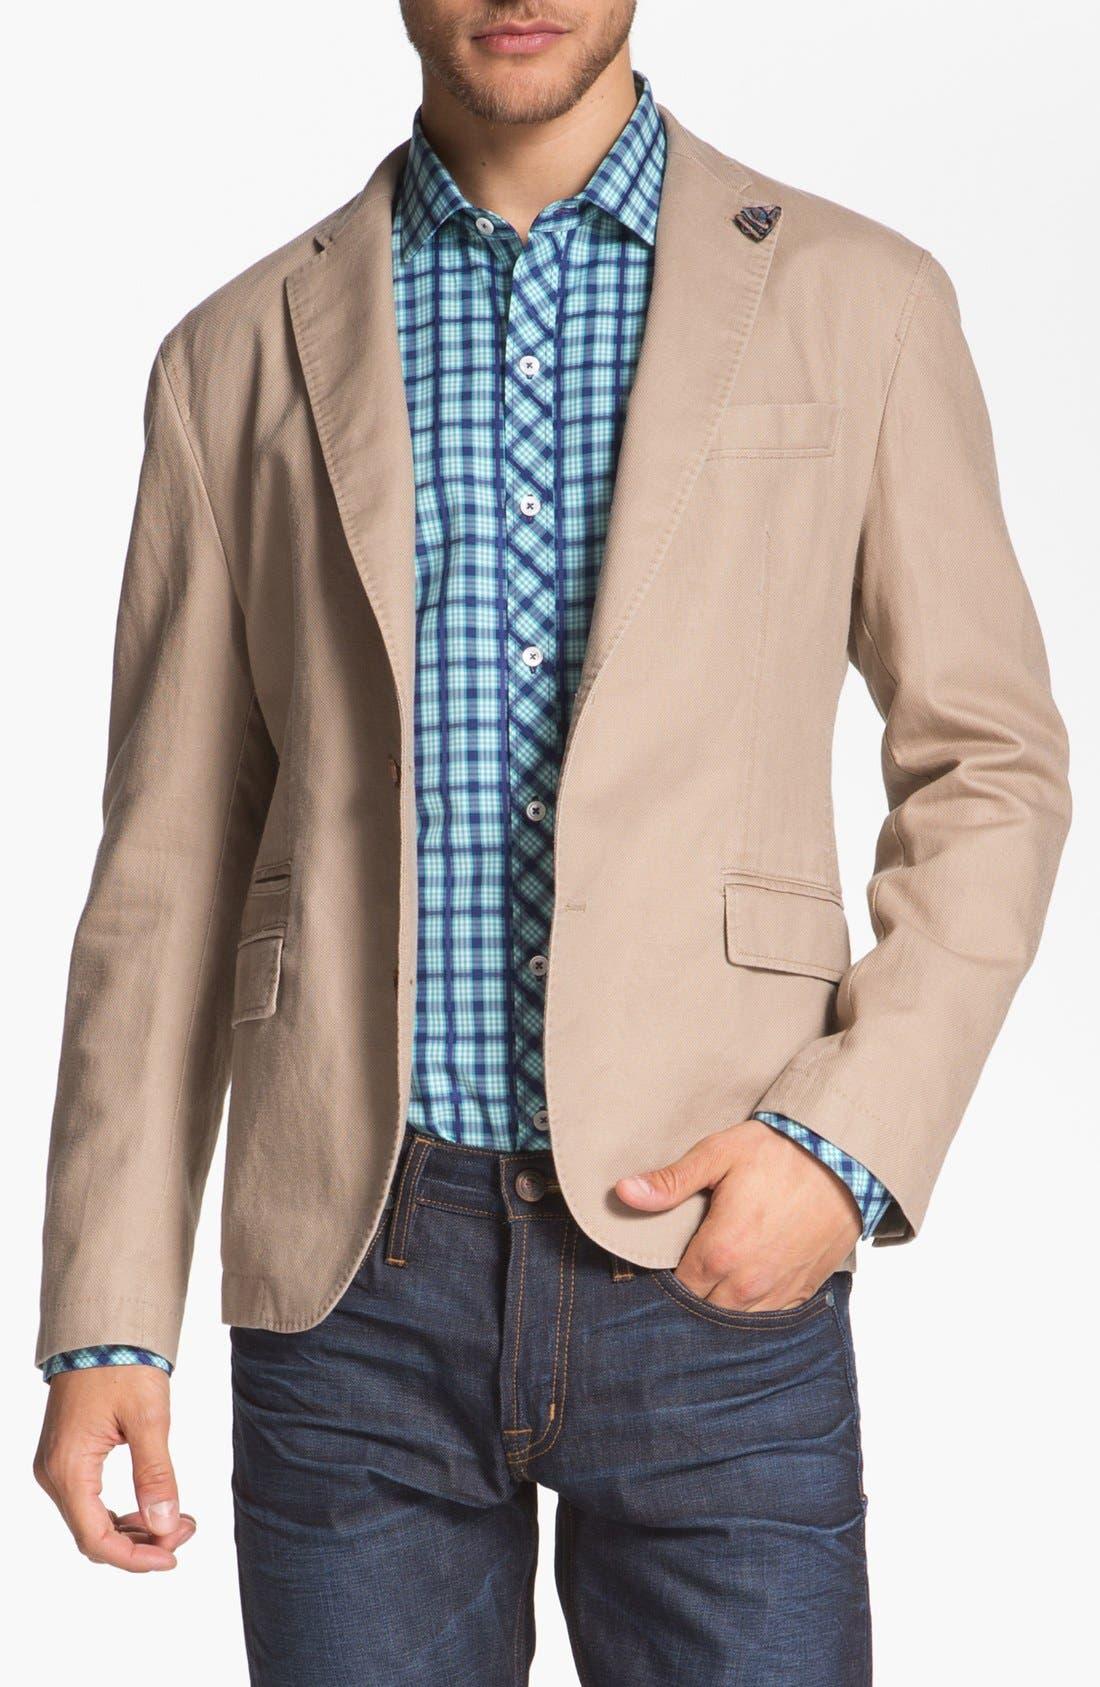 Alternate Image 1 Selected - BOSS HUGO BOSS 'Maldon' Linen Blend Sportcoat